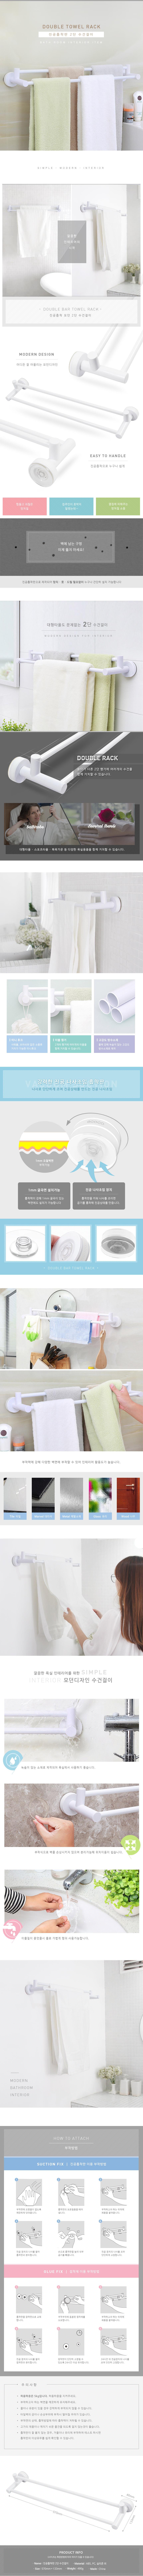 욕실 인테리어 강력한 진공흡착판 2단 타올 수건걸이 - 히키스, 12,800원, 정리용품/청소, 홀더/타올/휴지걸이